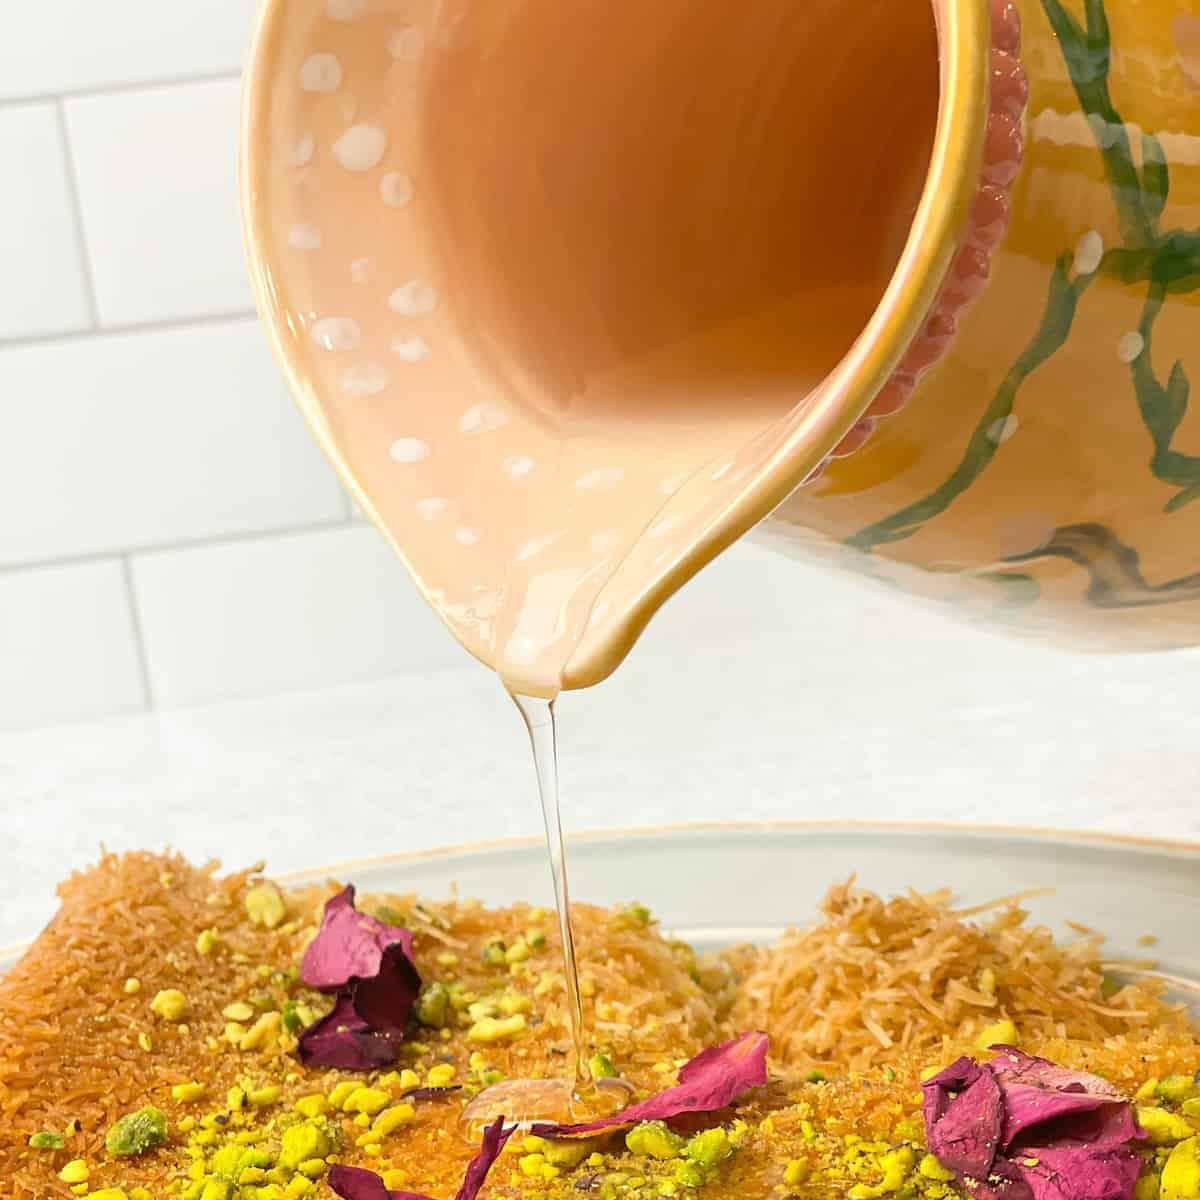 Atir which is also known as simple syrup is used on many middle eastern desserts like kanafa, kunafa, chanafa, atayif, halawit el jibn, atayef, qatayif,